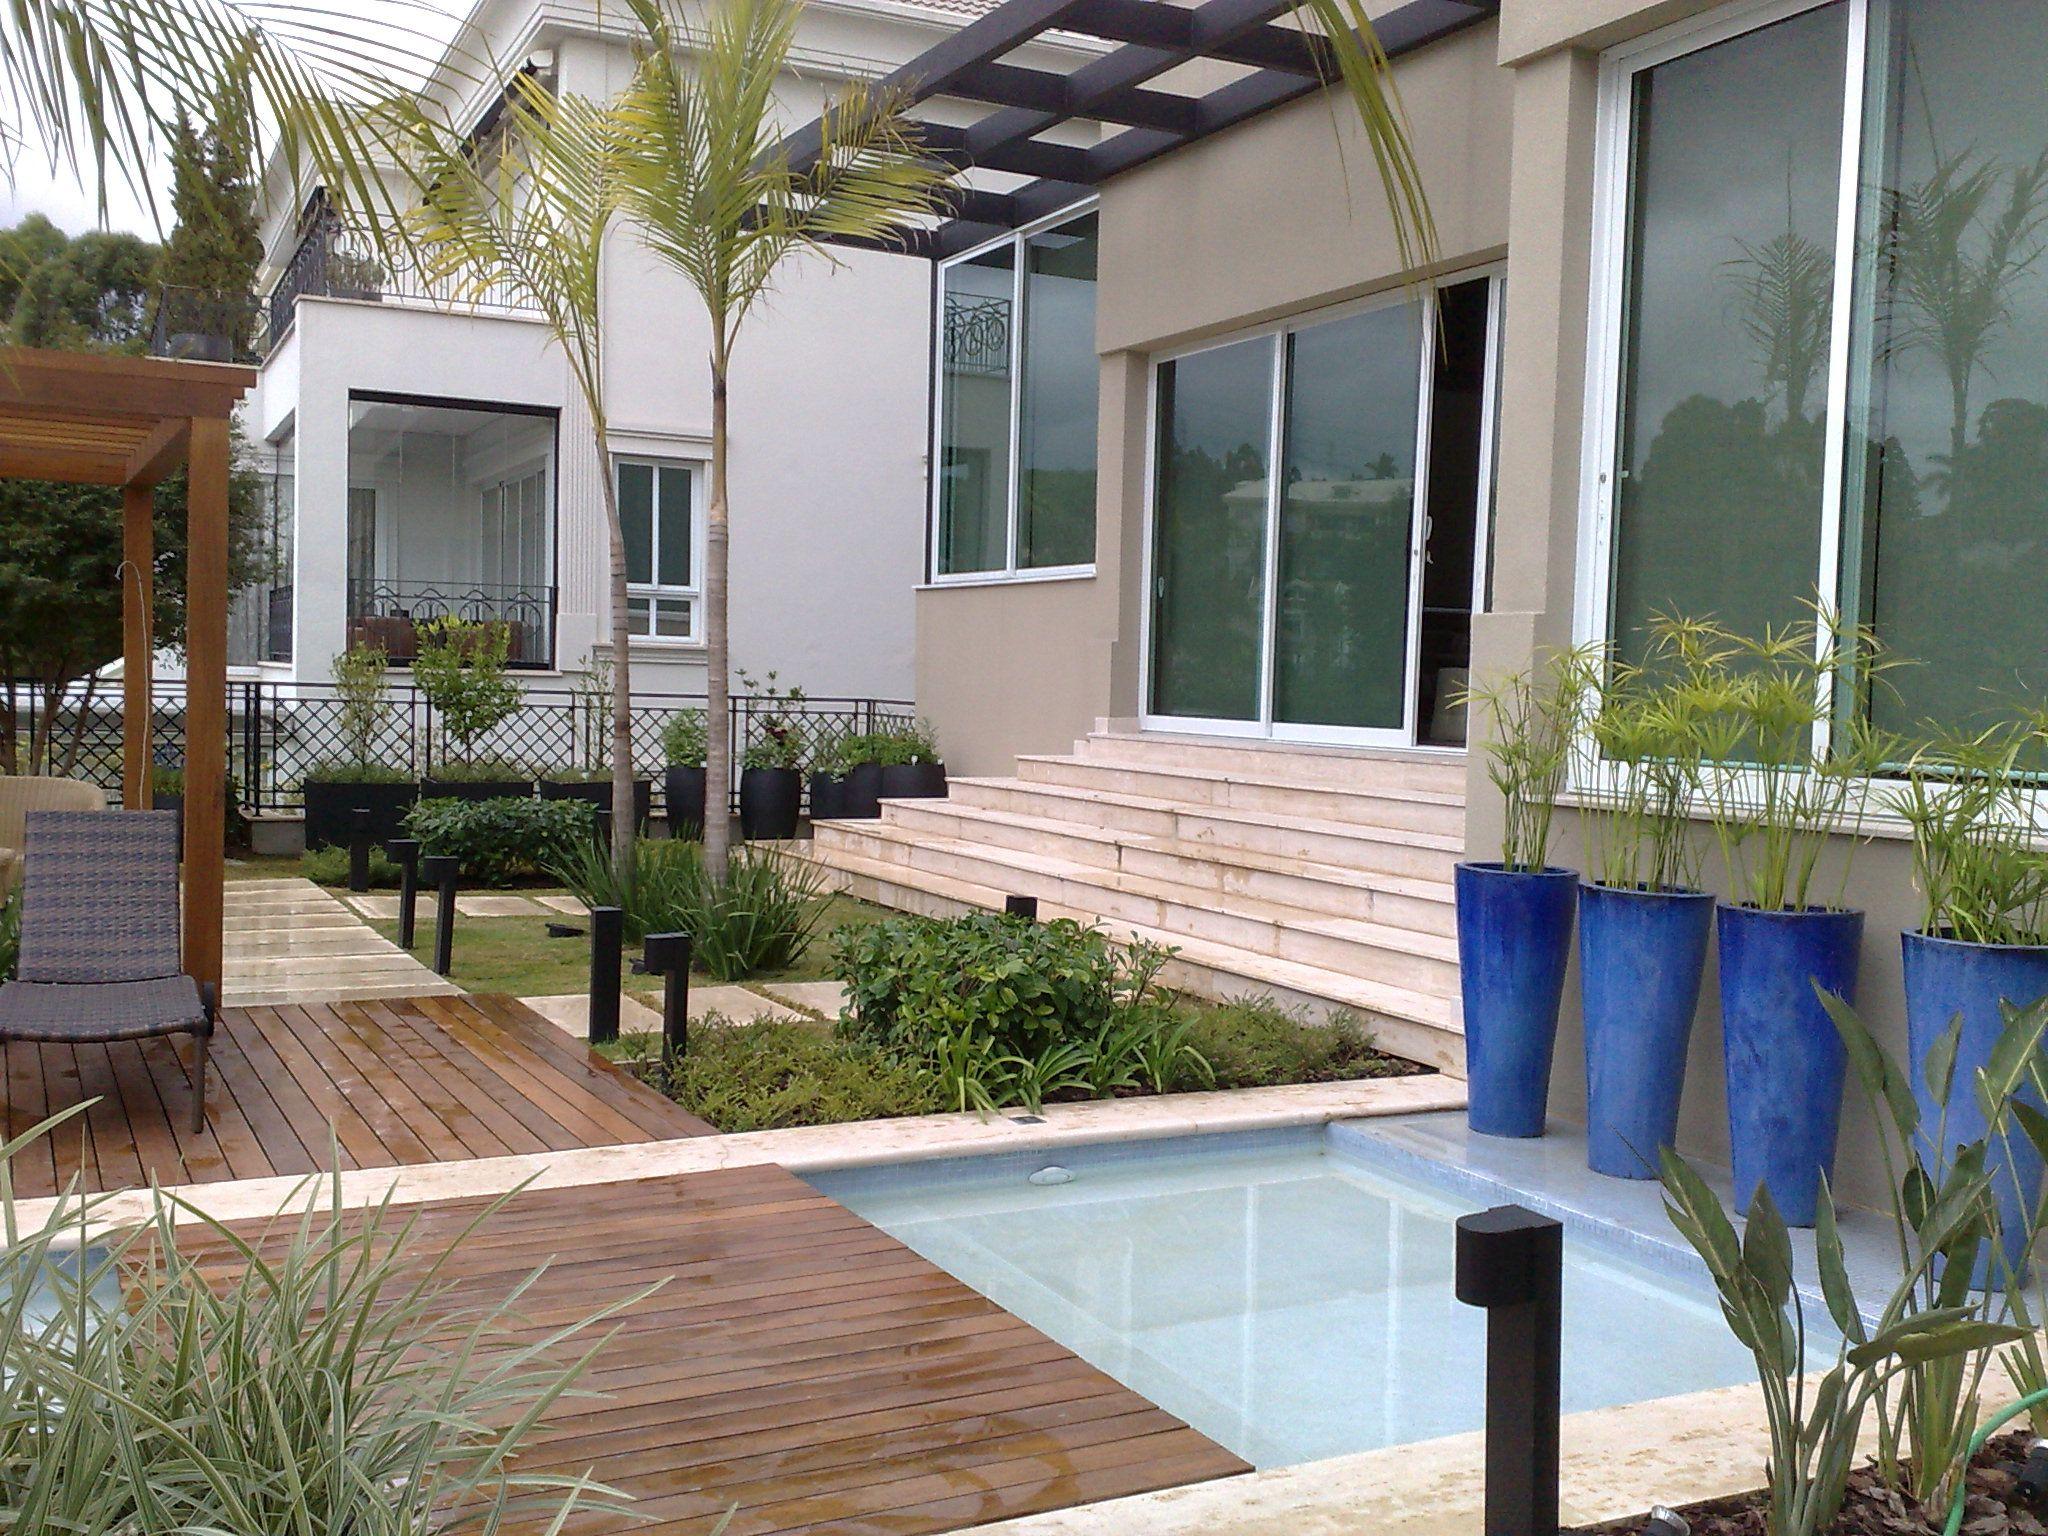 Piscina e vasos vietnamitas cia das folhas meu trabalho for Vaso piscina